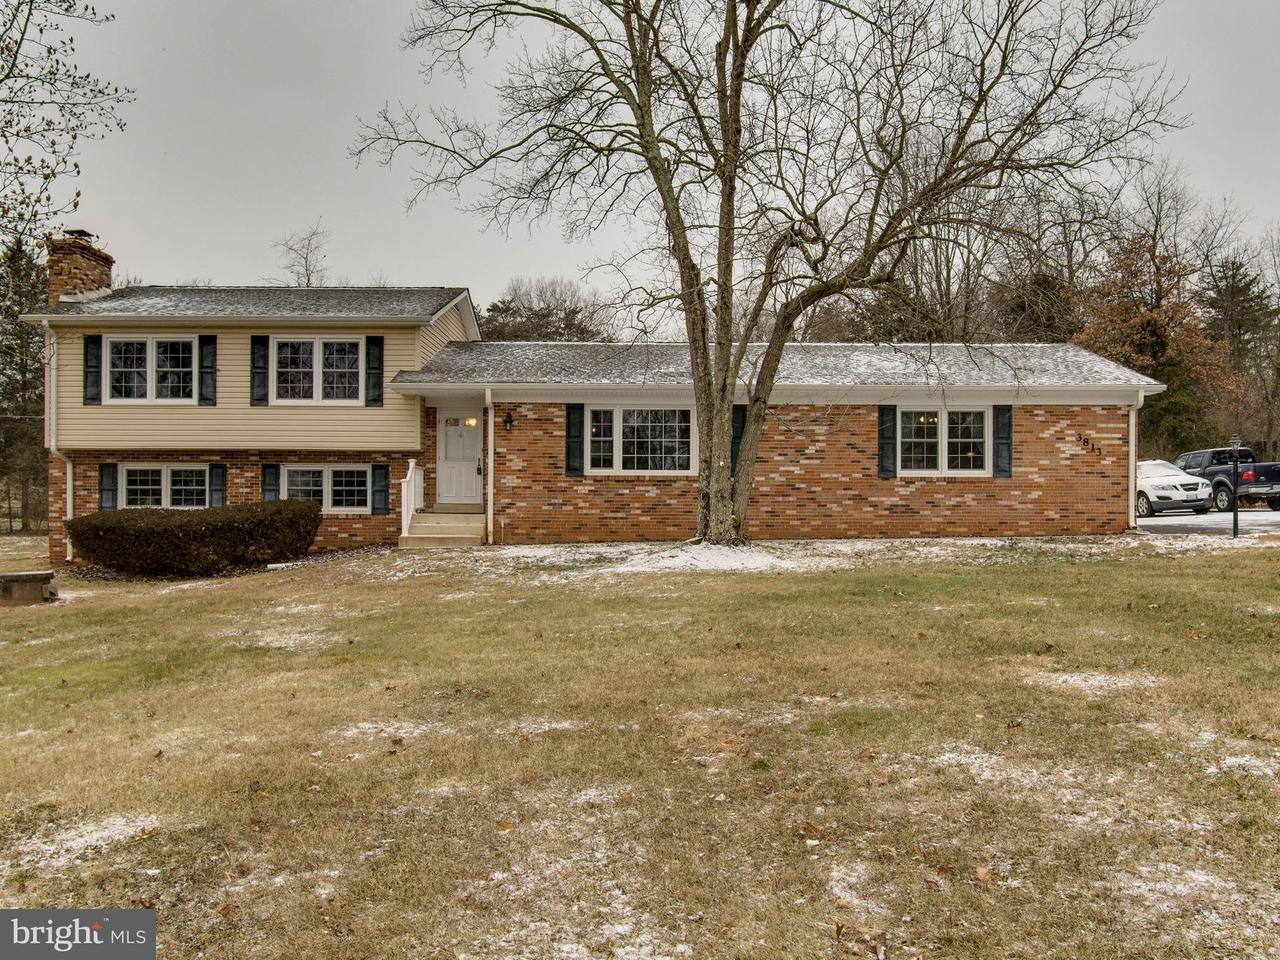 獨棟家庭住宅 為 出售 在 3813 DUMFRIES Road 3813 DUMFRIES Road Catlett, 弗吉尼亞州 20119 美國